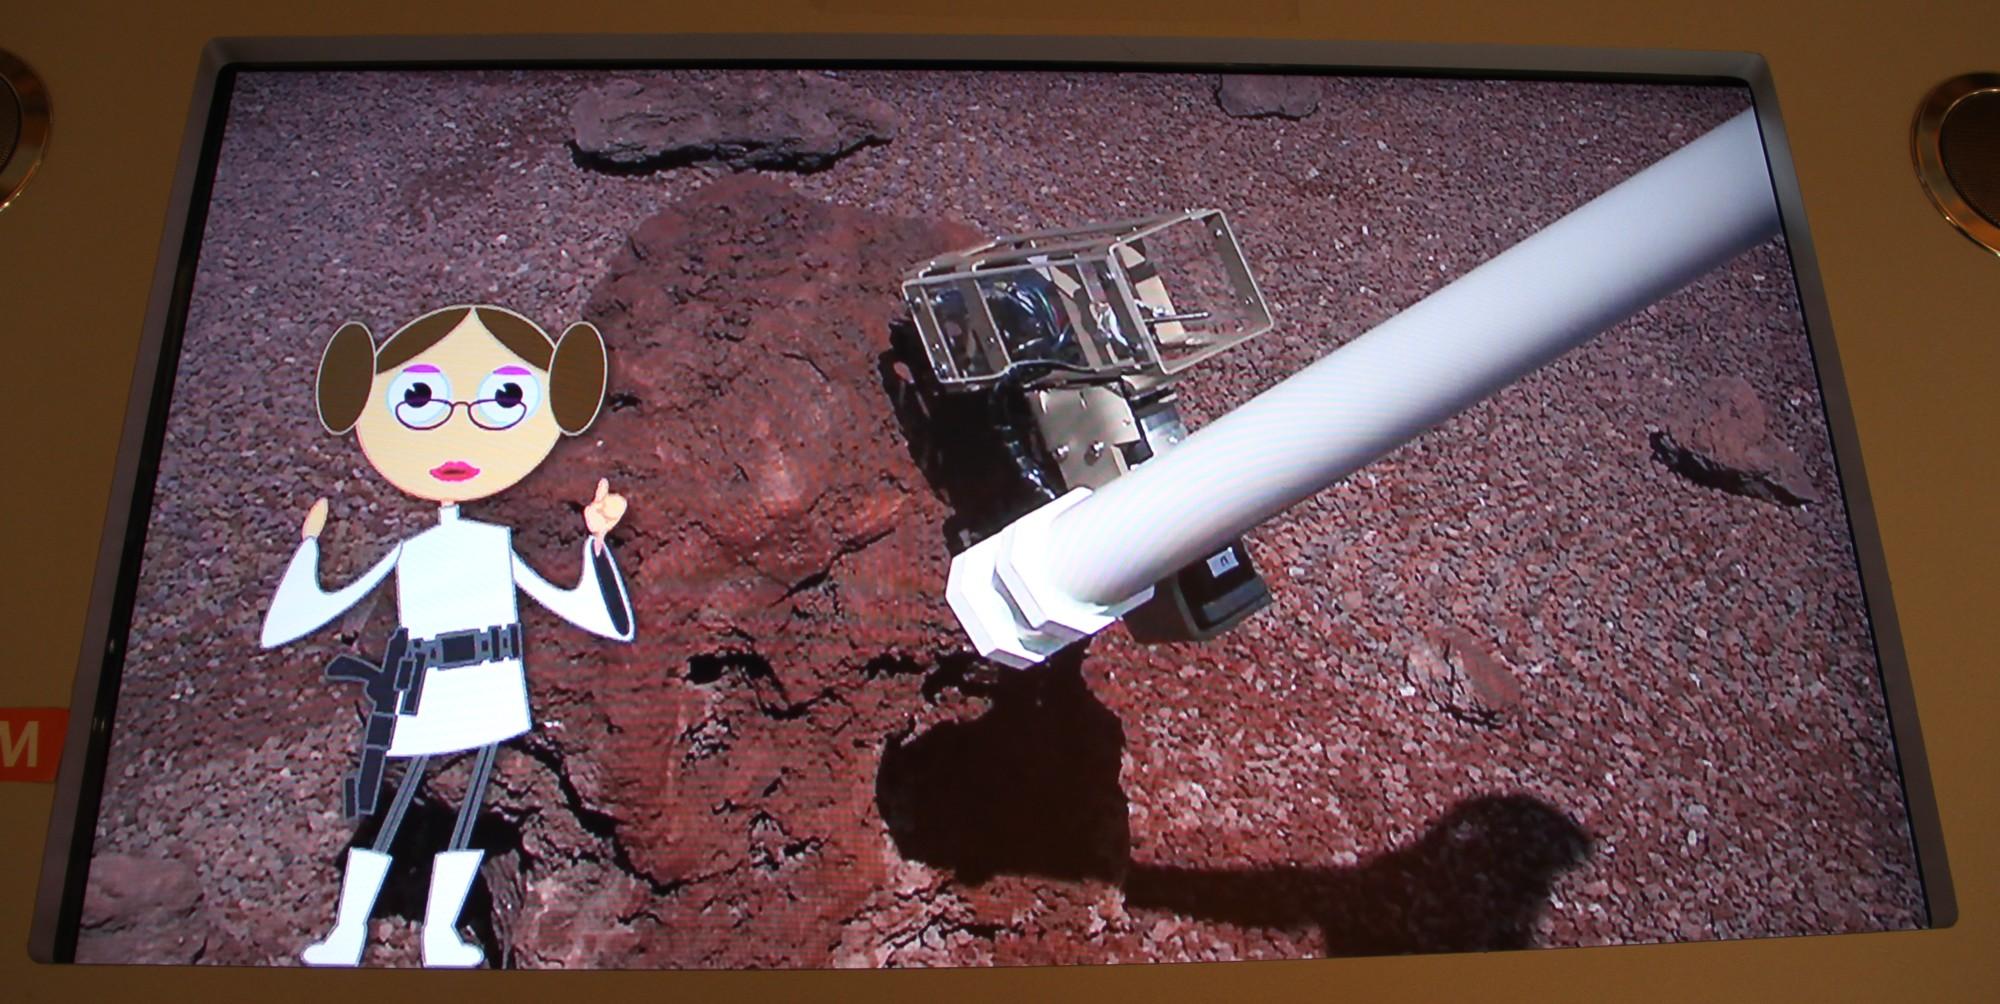 14 12 18 - 17h 43m 00s - Expo l'eau sur Mars pavillon de l'eau r